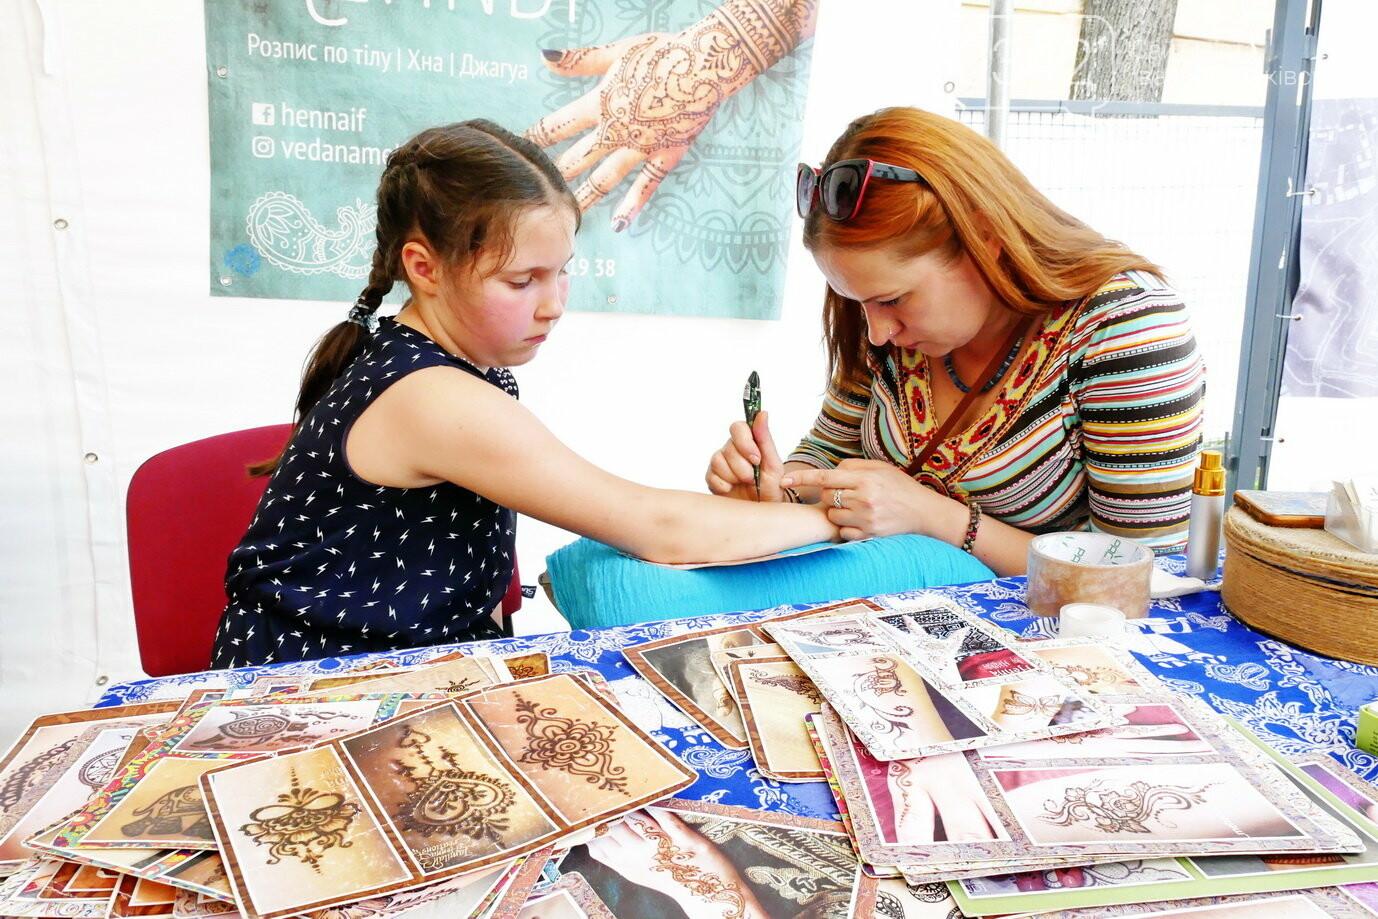 9 країн презентують свою культуру у Франківську на фестивалі Global Village , фото-2